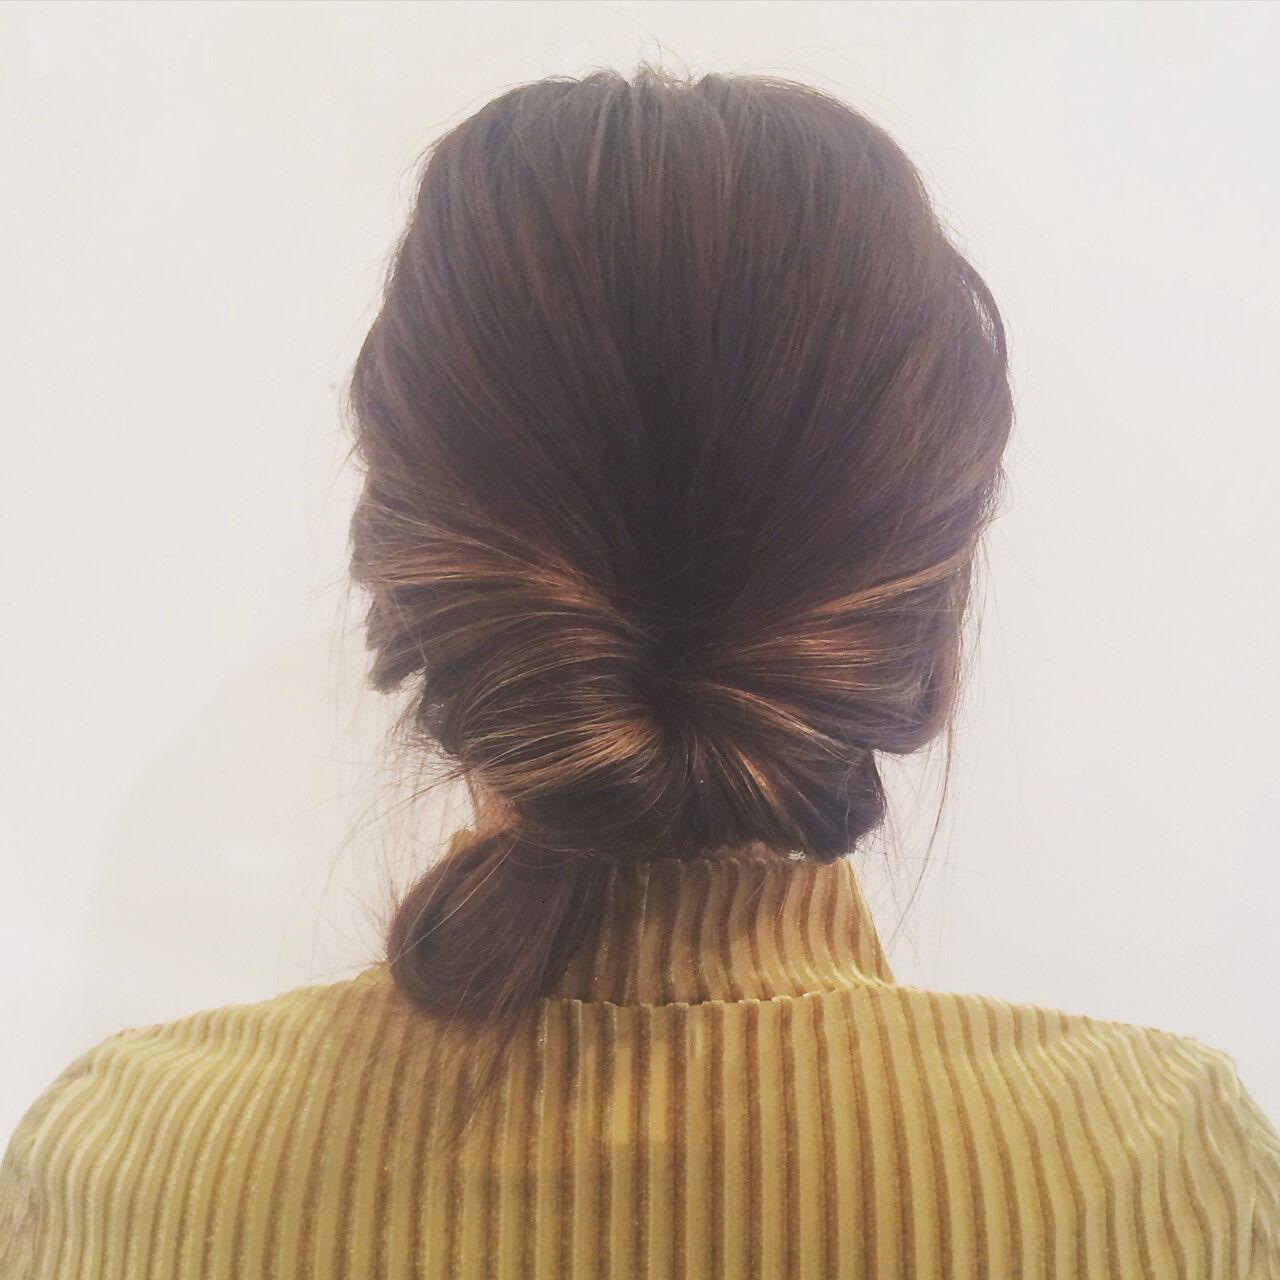 ミディアム ストリート ヘアアレンジ ハイライトヘアスタイルや髪型の写真・画像